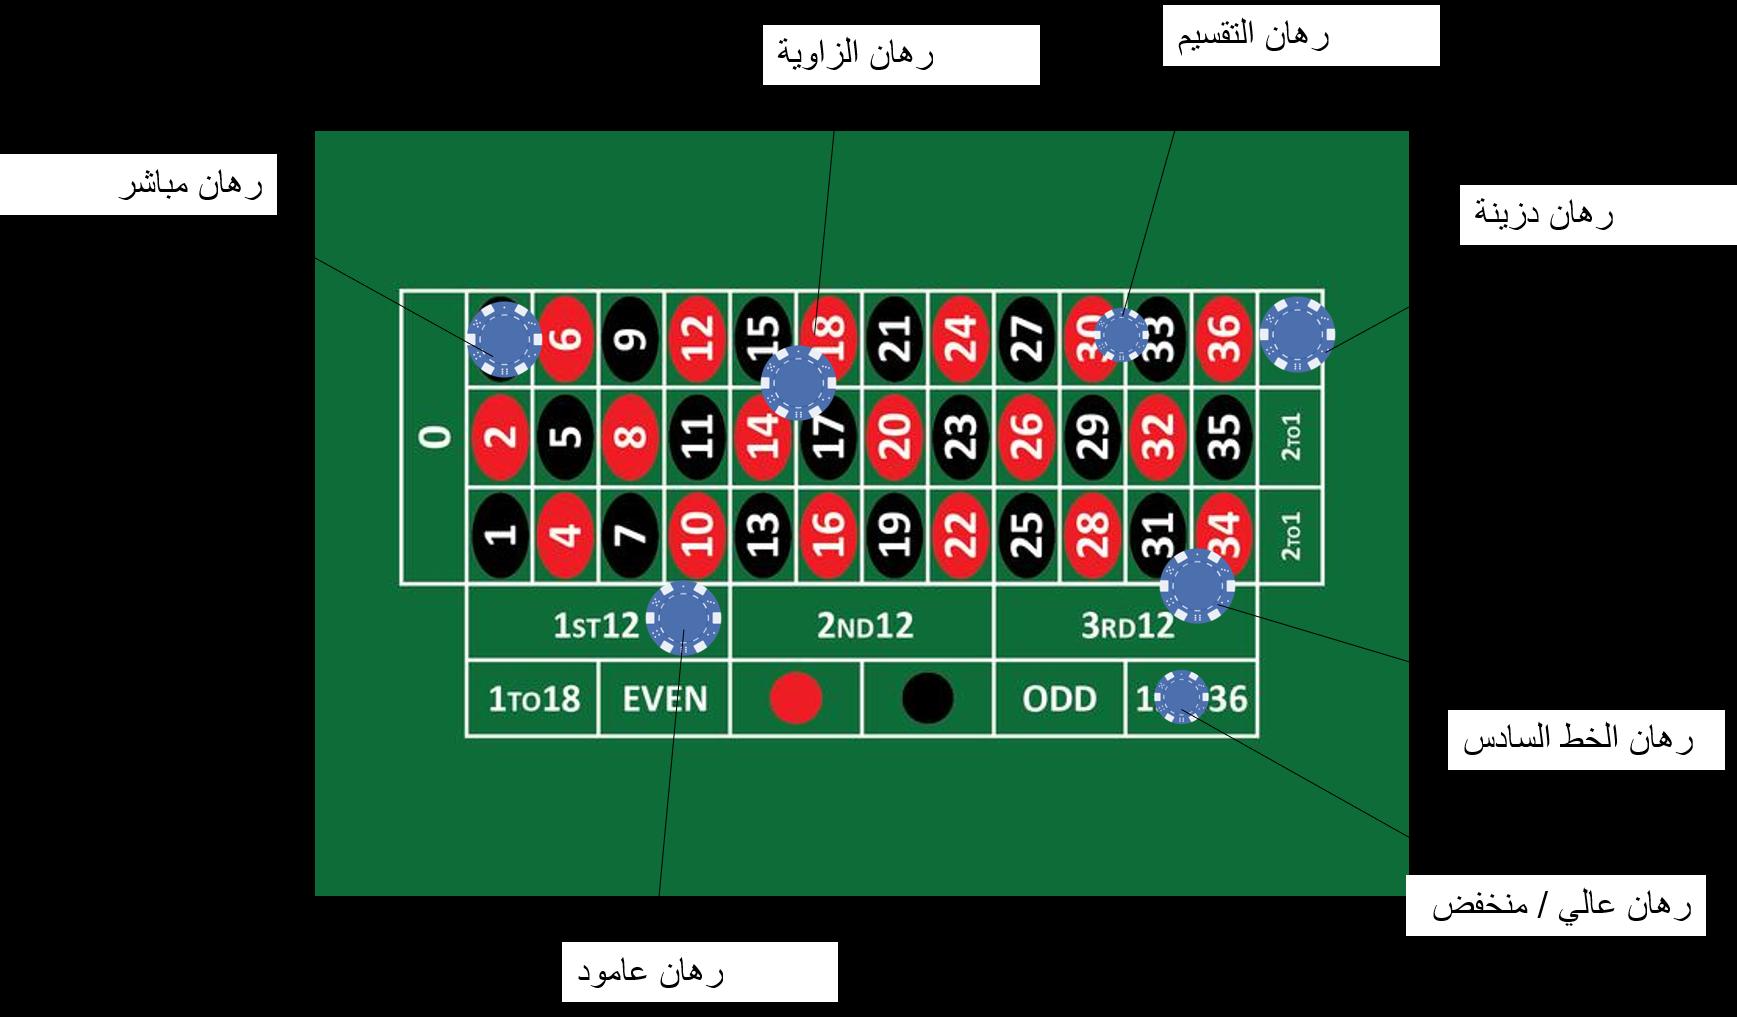 لاعب يربح - 98955